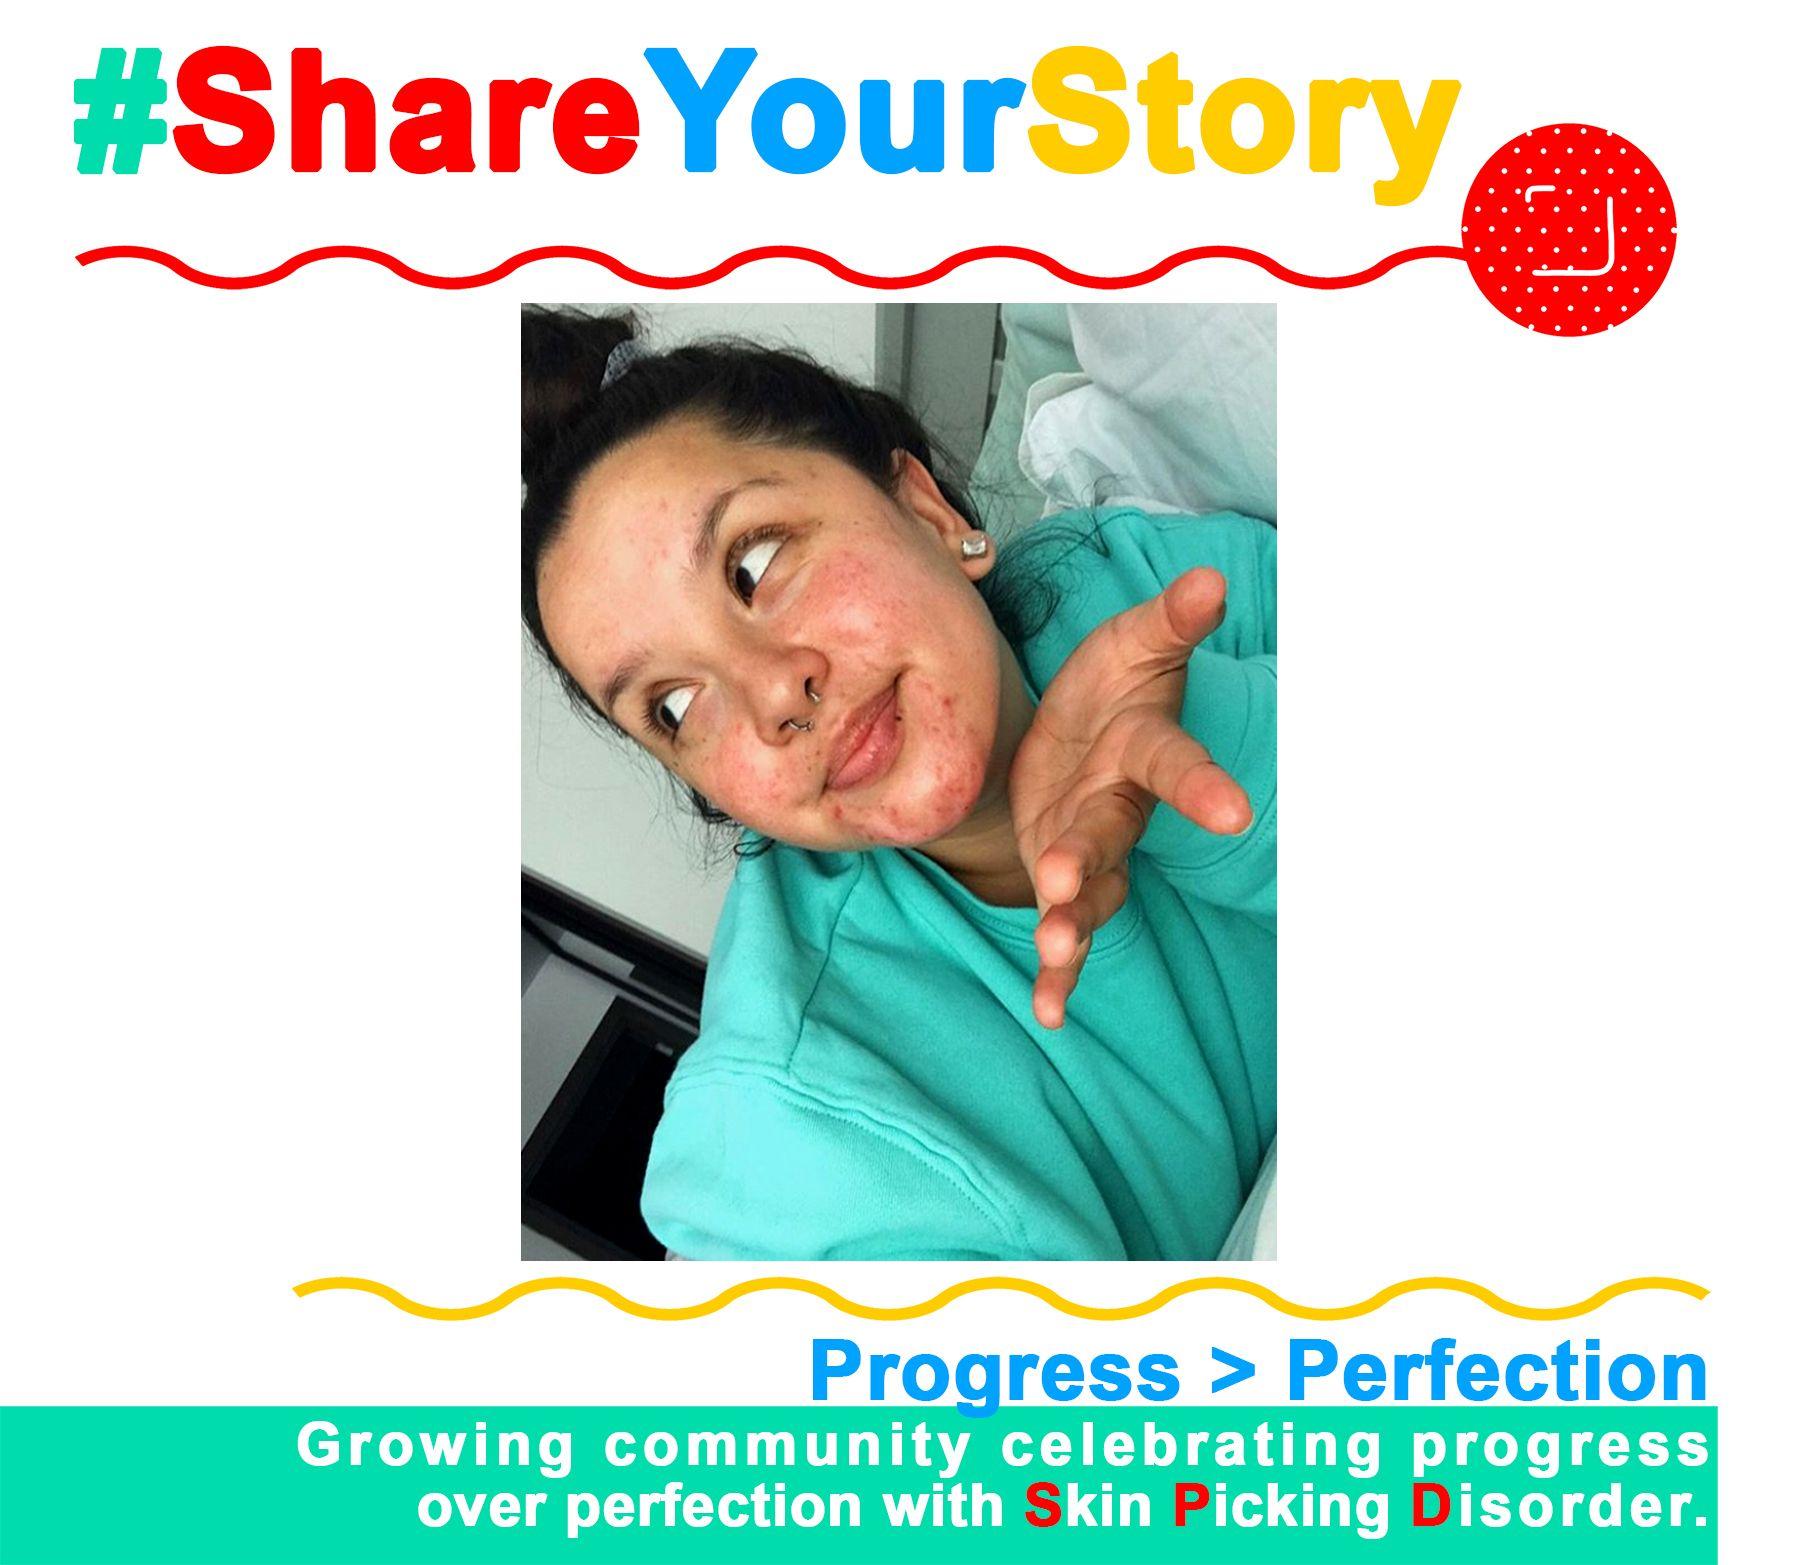 #ShareYourStory: Sharon